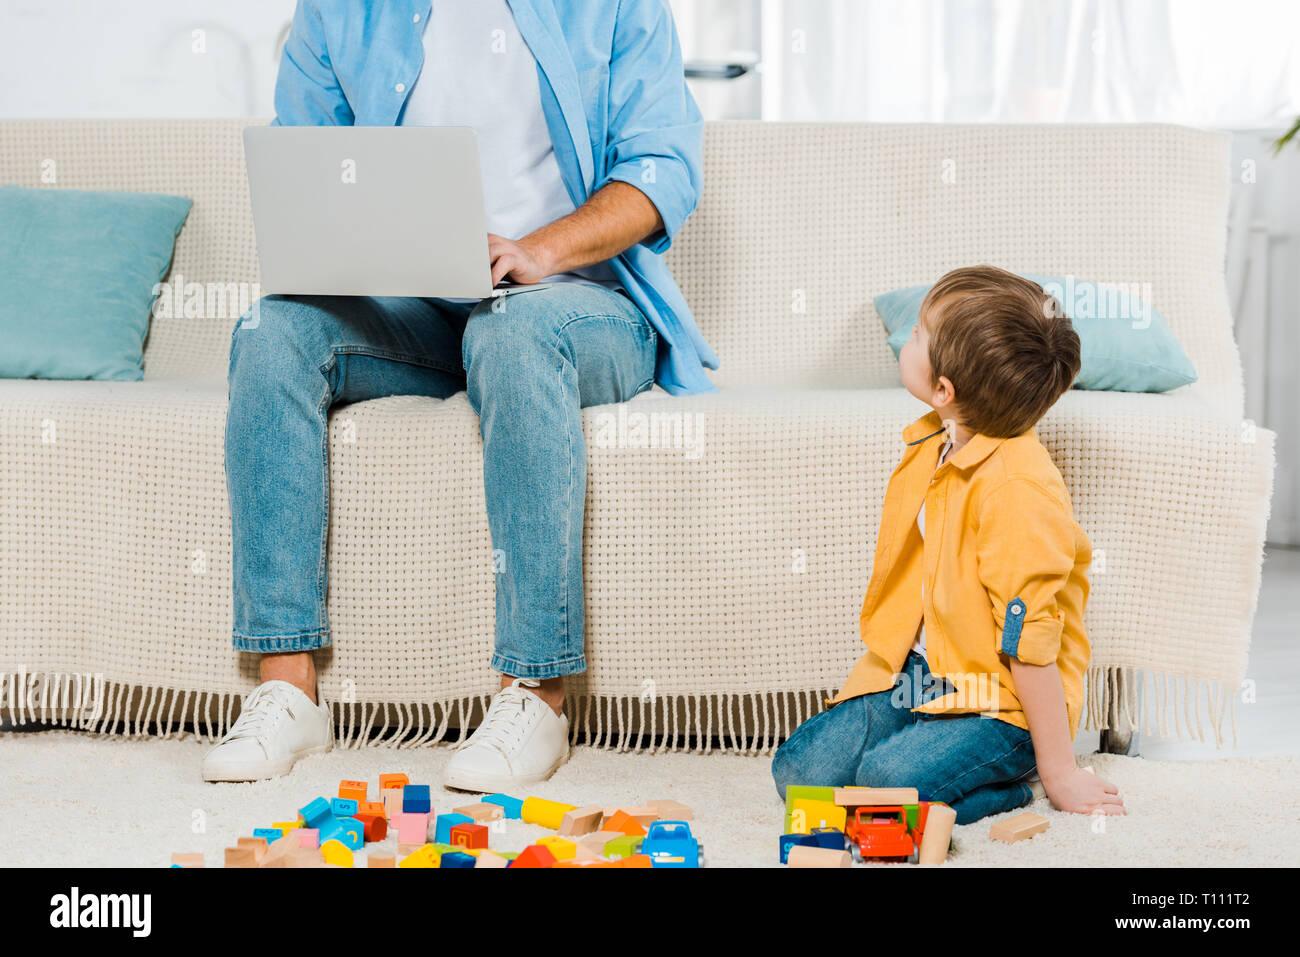 Vater saß auf der Couch und mit Laptop während Vorschüler Sohn spielen mit bunten Bausteinen zu Hause Stockfoto